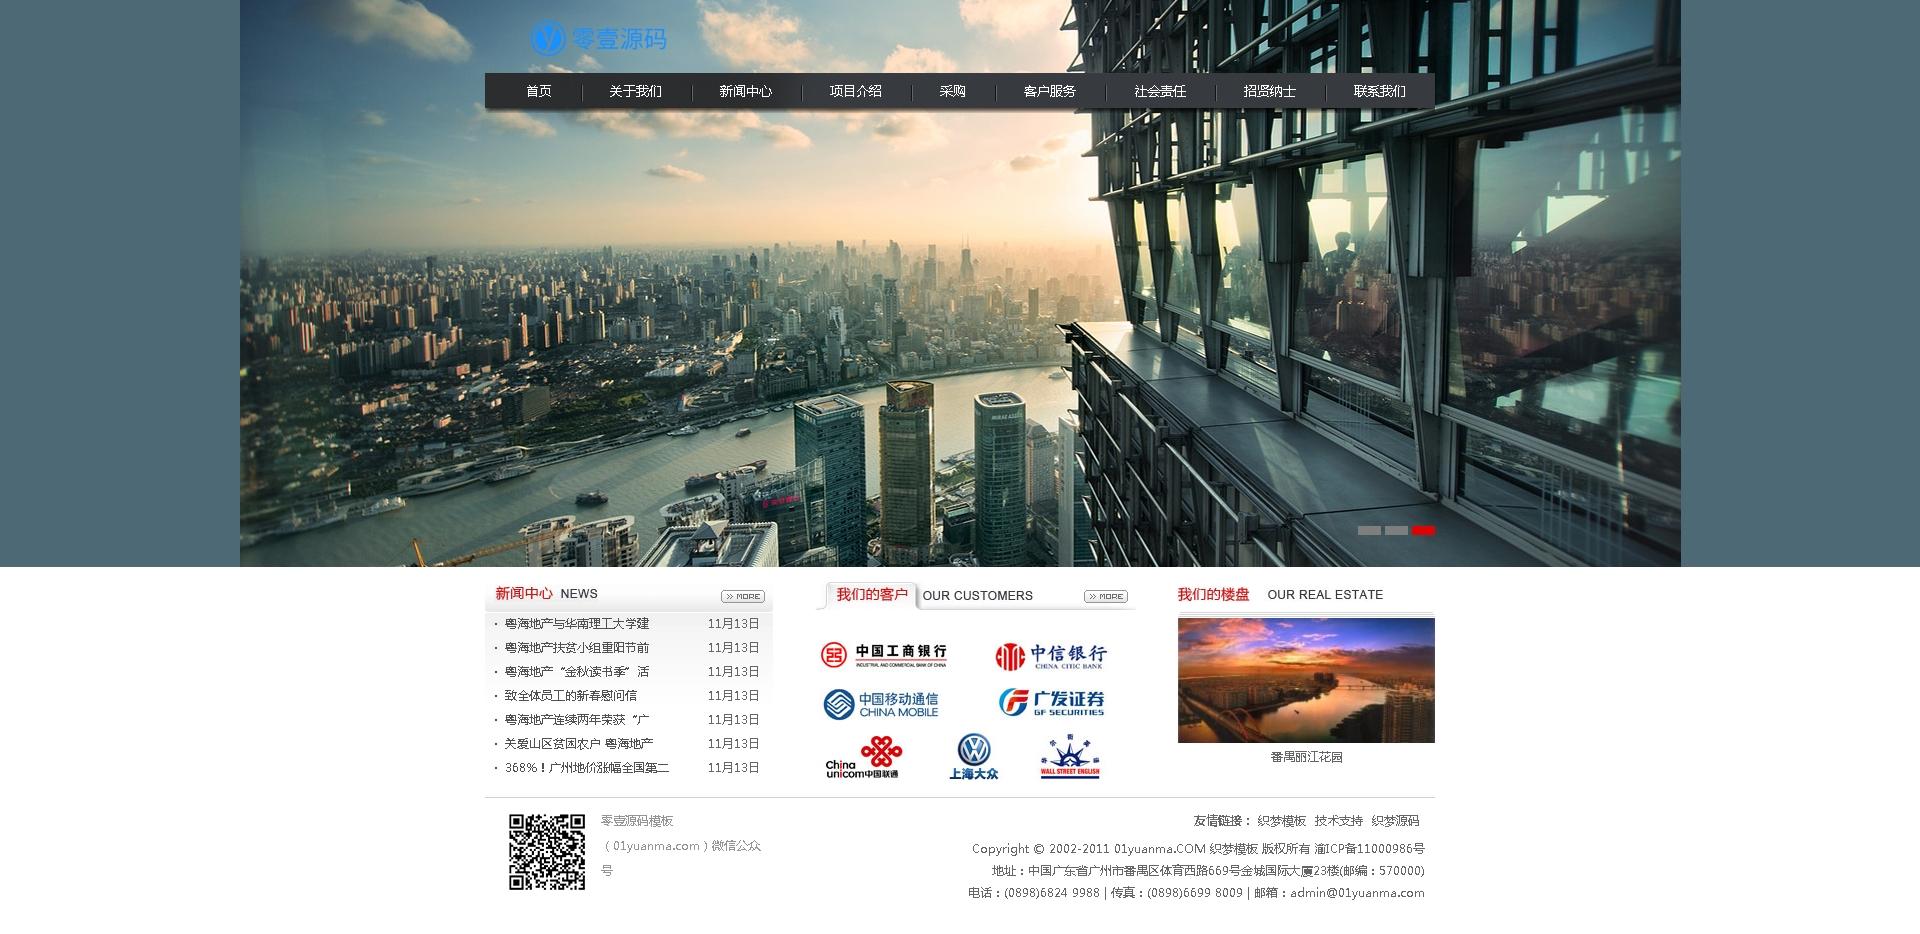 房地产带楼盘展示类企业网站织梦dedecms模板